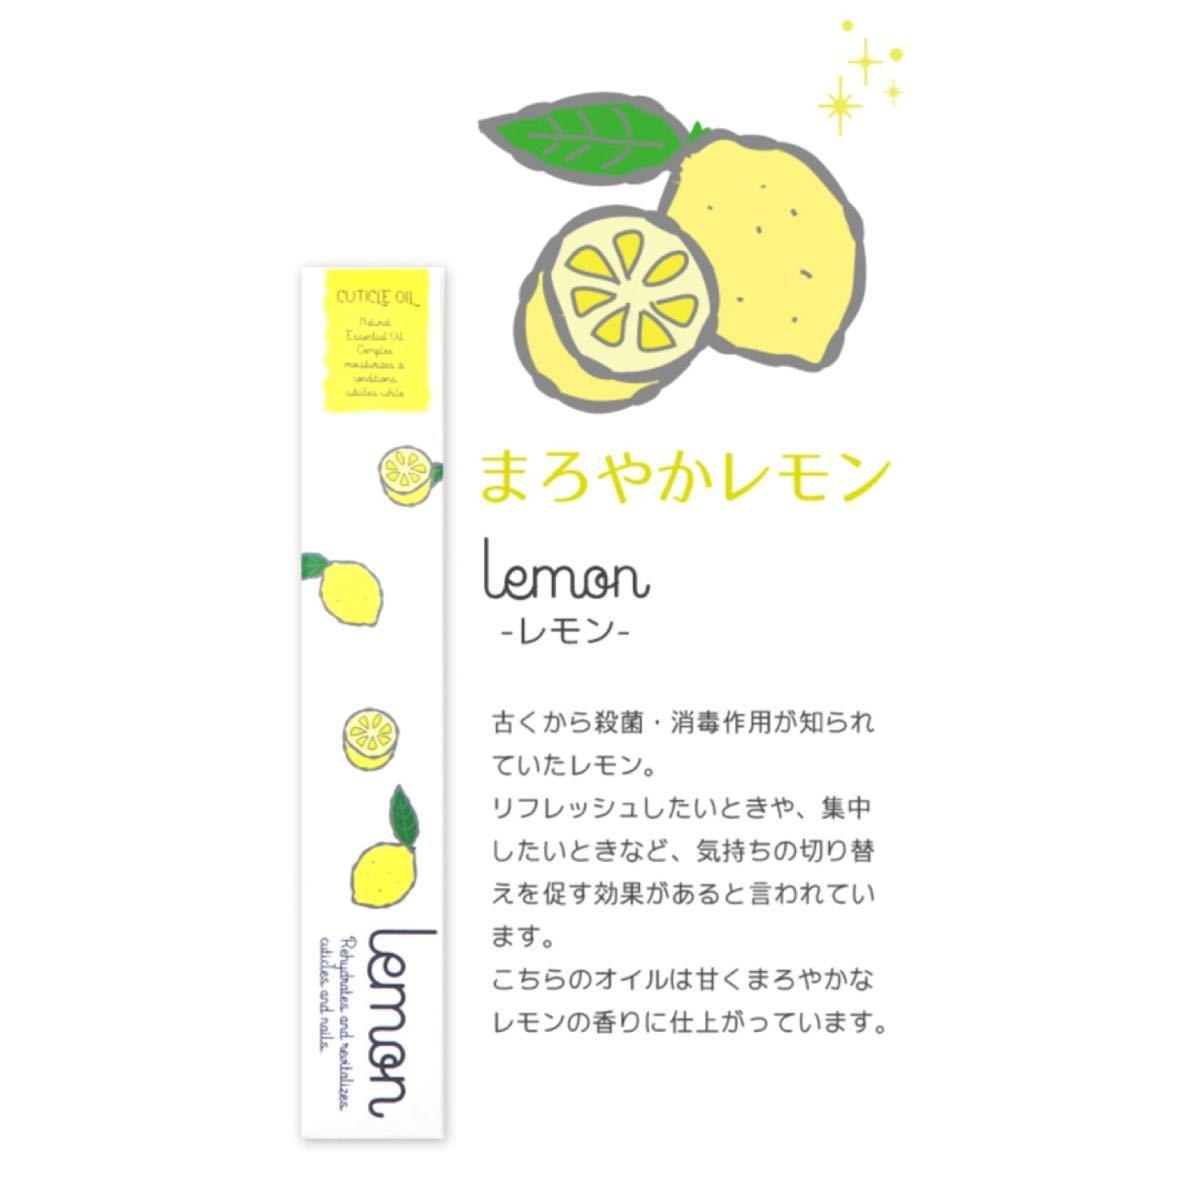 キューティクルオイル☆ラベンダー&レモン